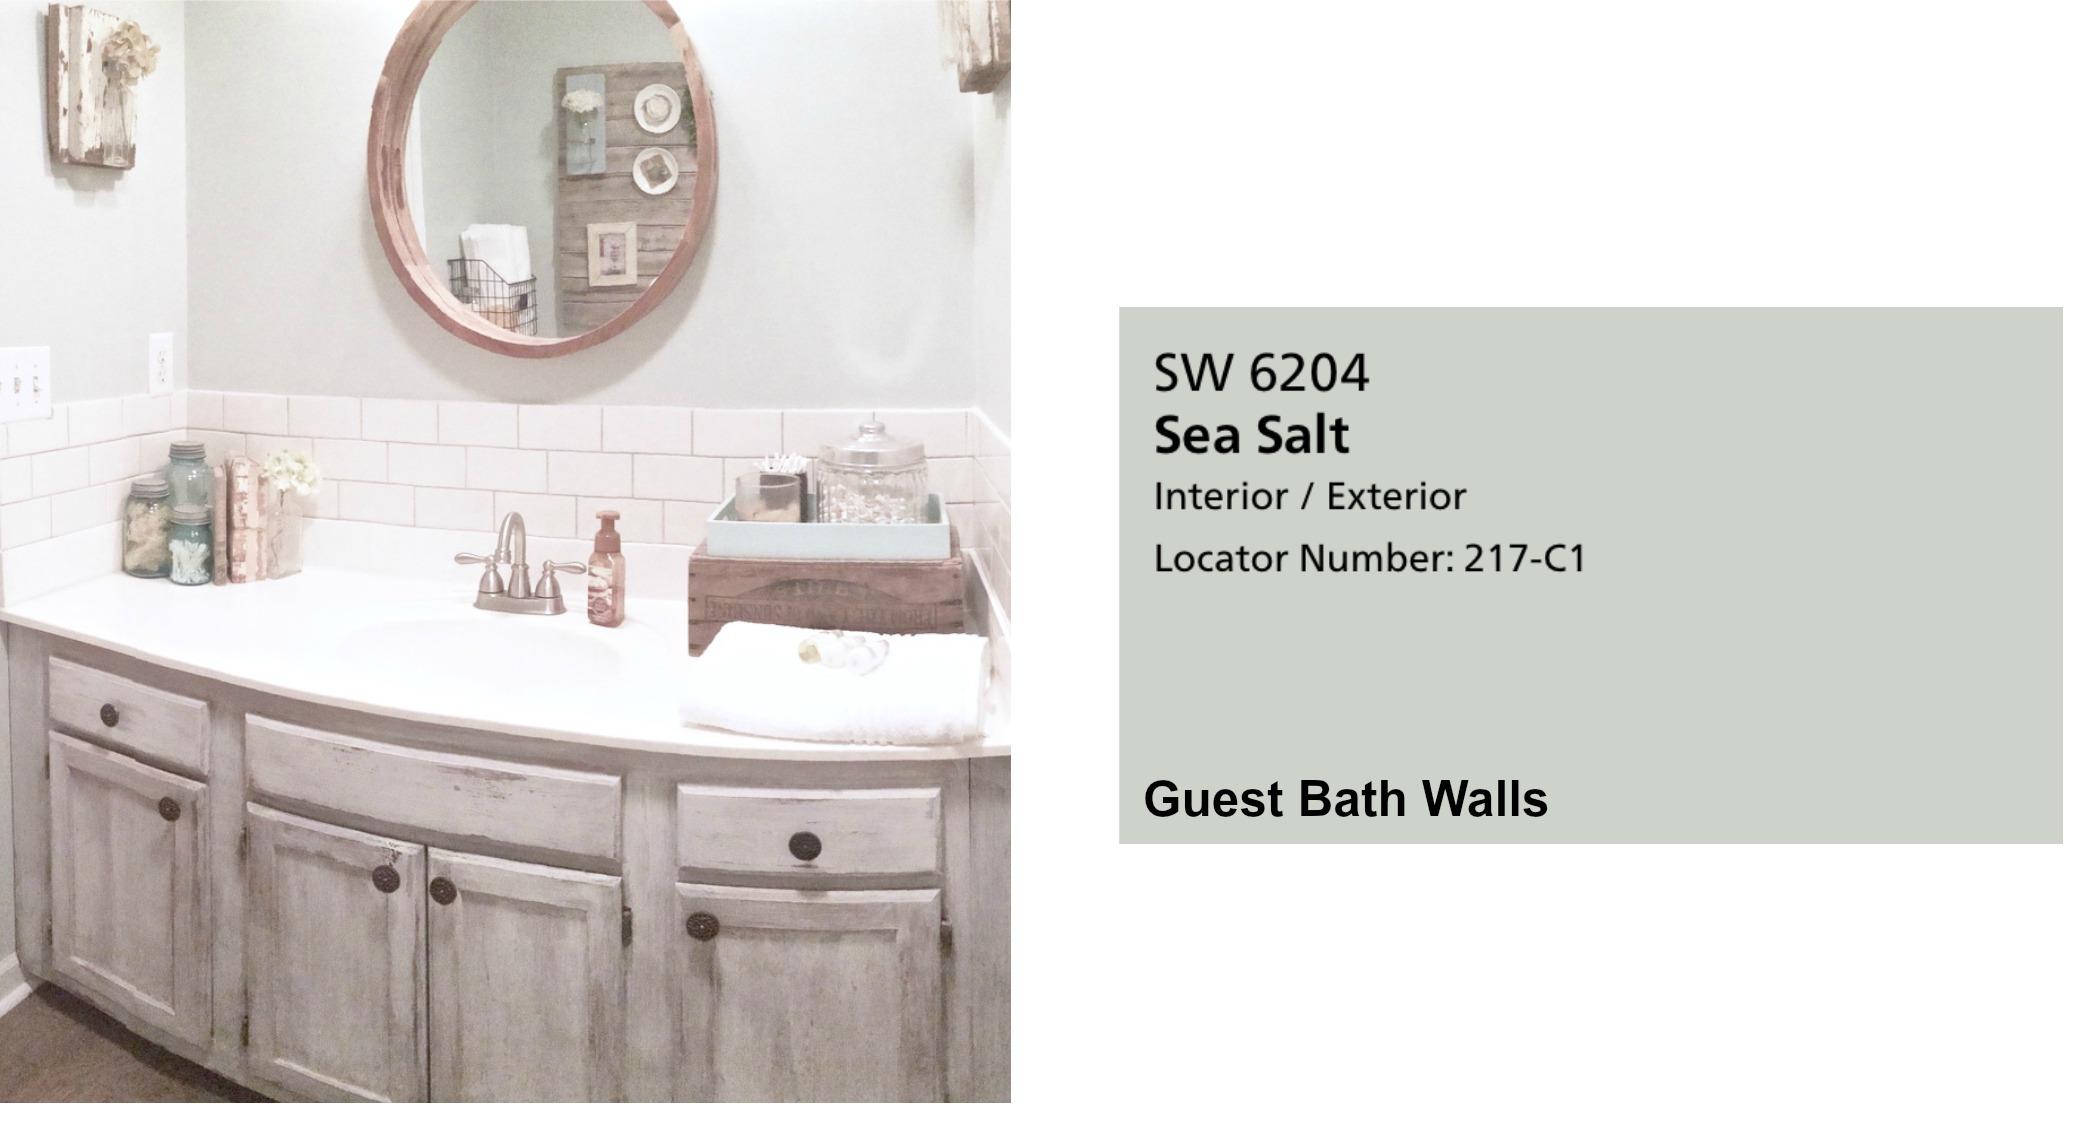 Farmhouse Paint Colors- Guest Bathroom Color. Full Home Color Scheme at Plumprettydeoranddesign.com